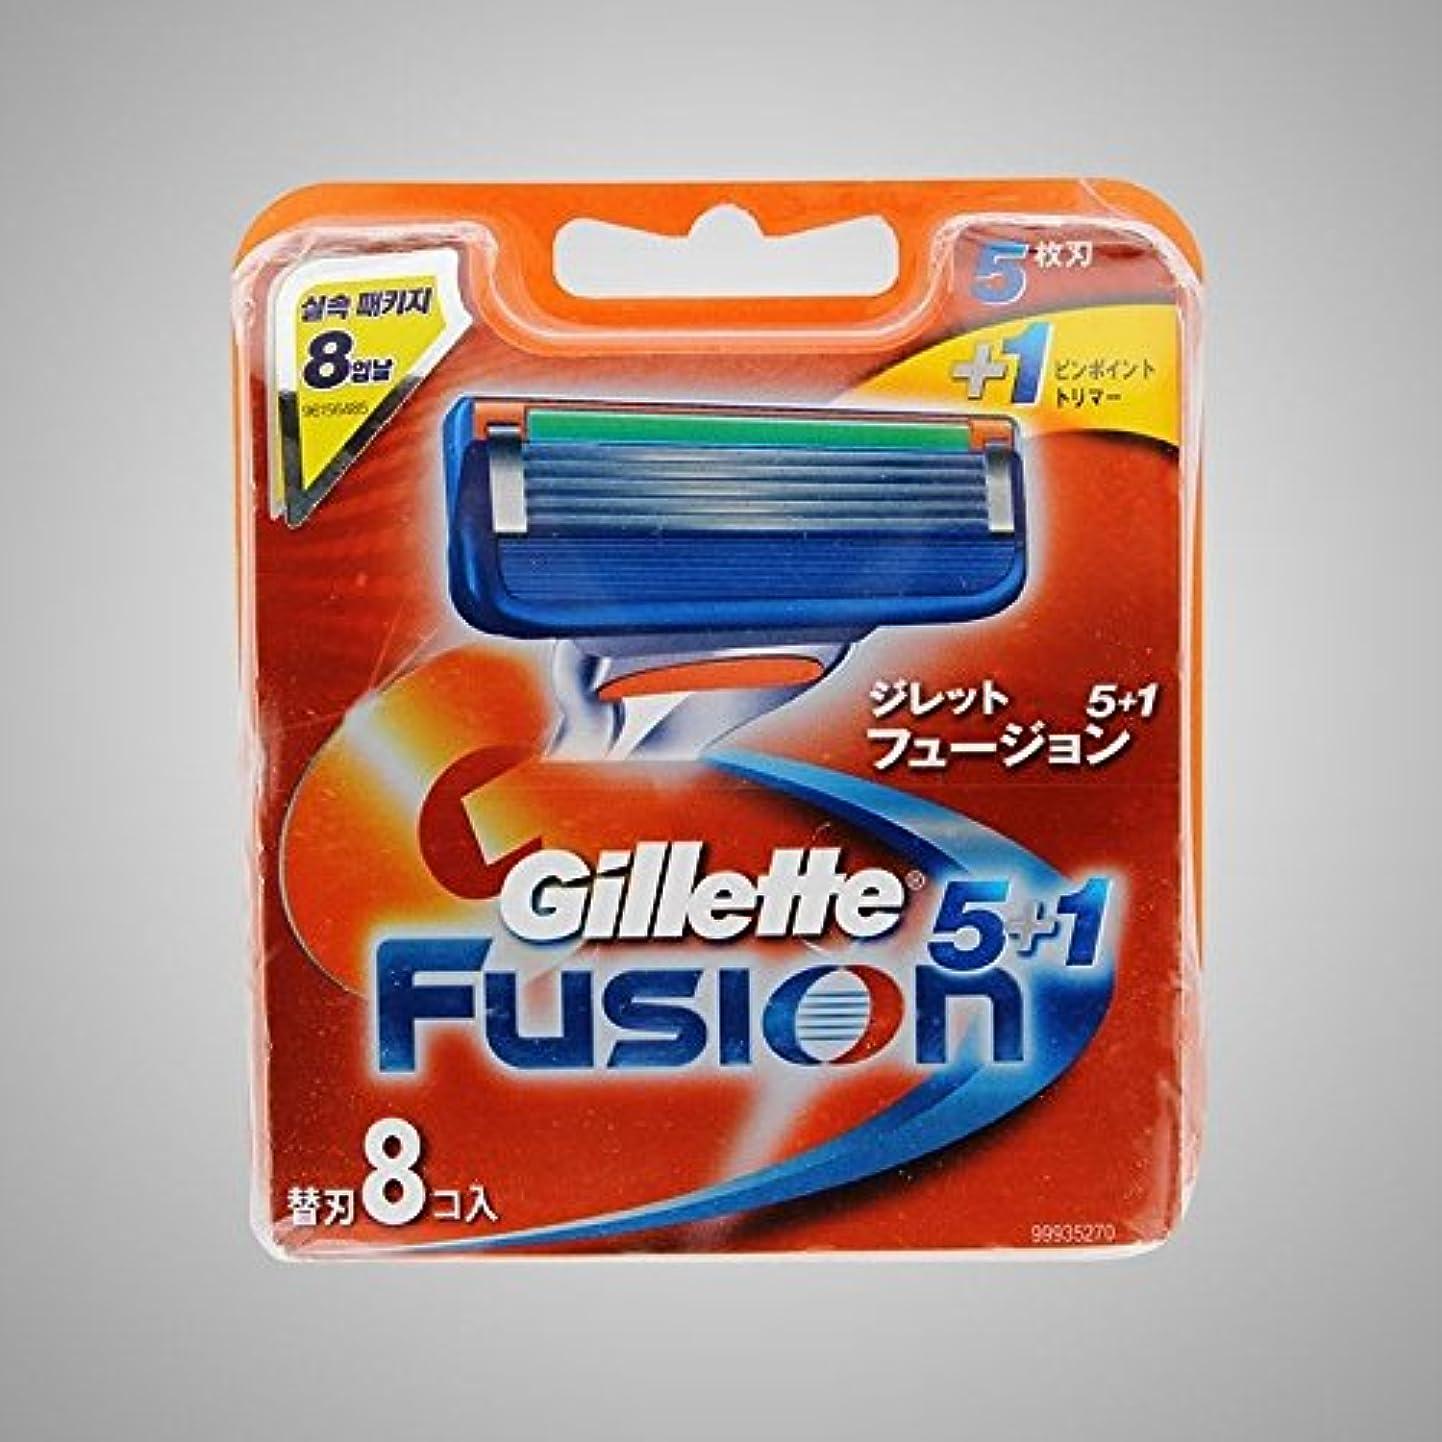 島学部長ゾーンGillette Fusion Manual Razor Blades Refills Safety Razor ドイツ製 8 Pack [並行輸入品]